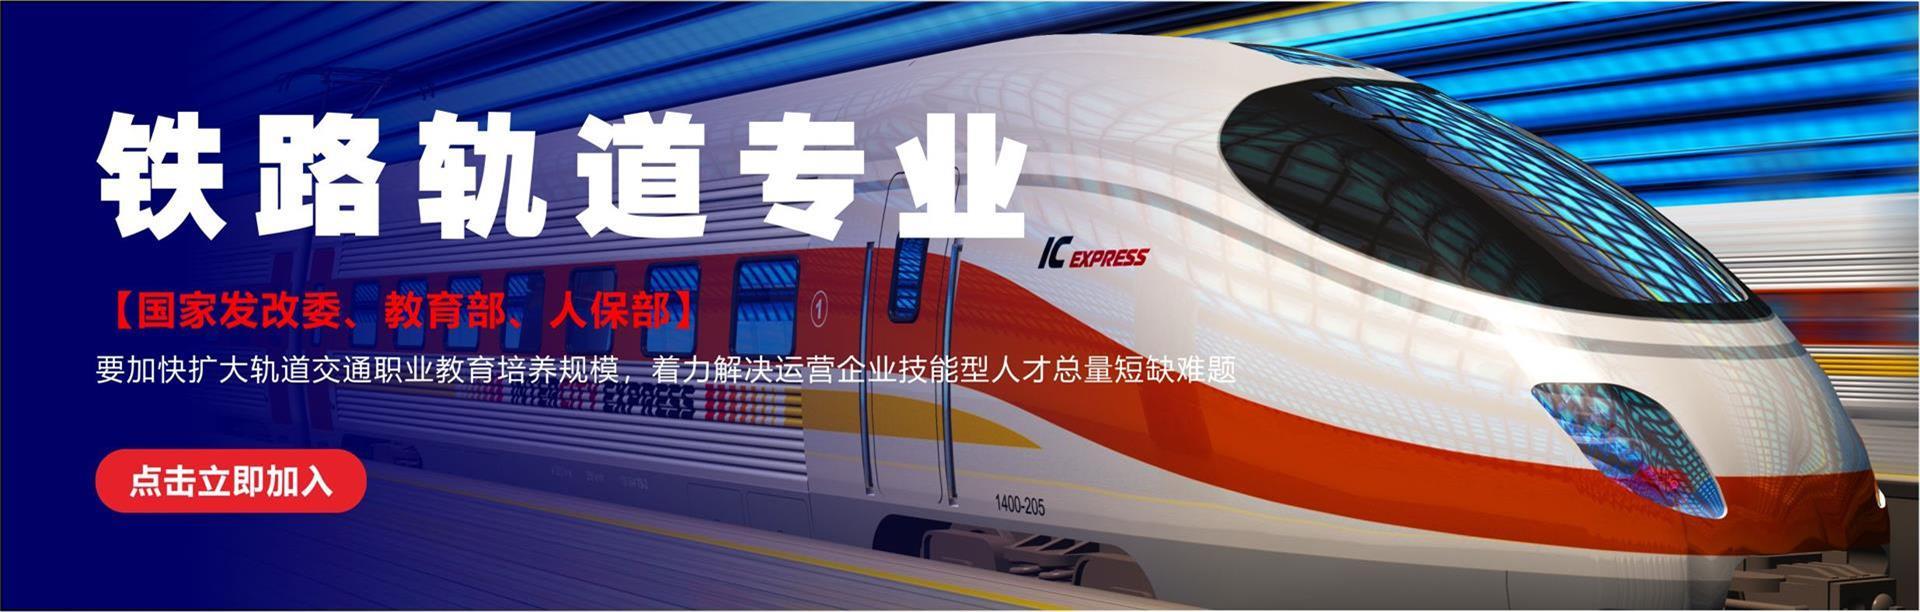 铁路服务方向